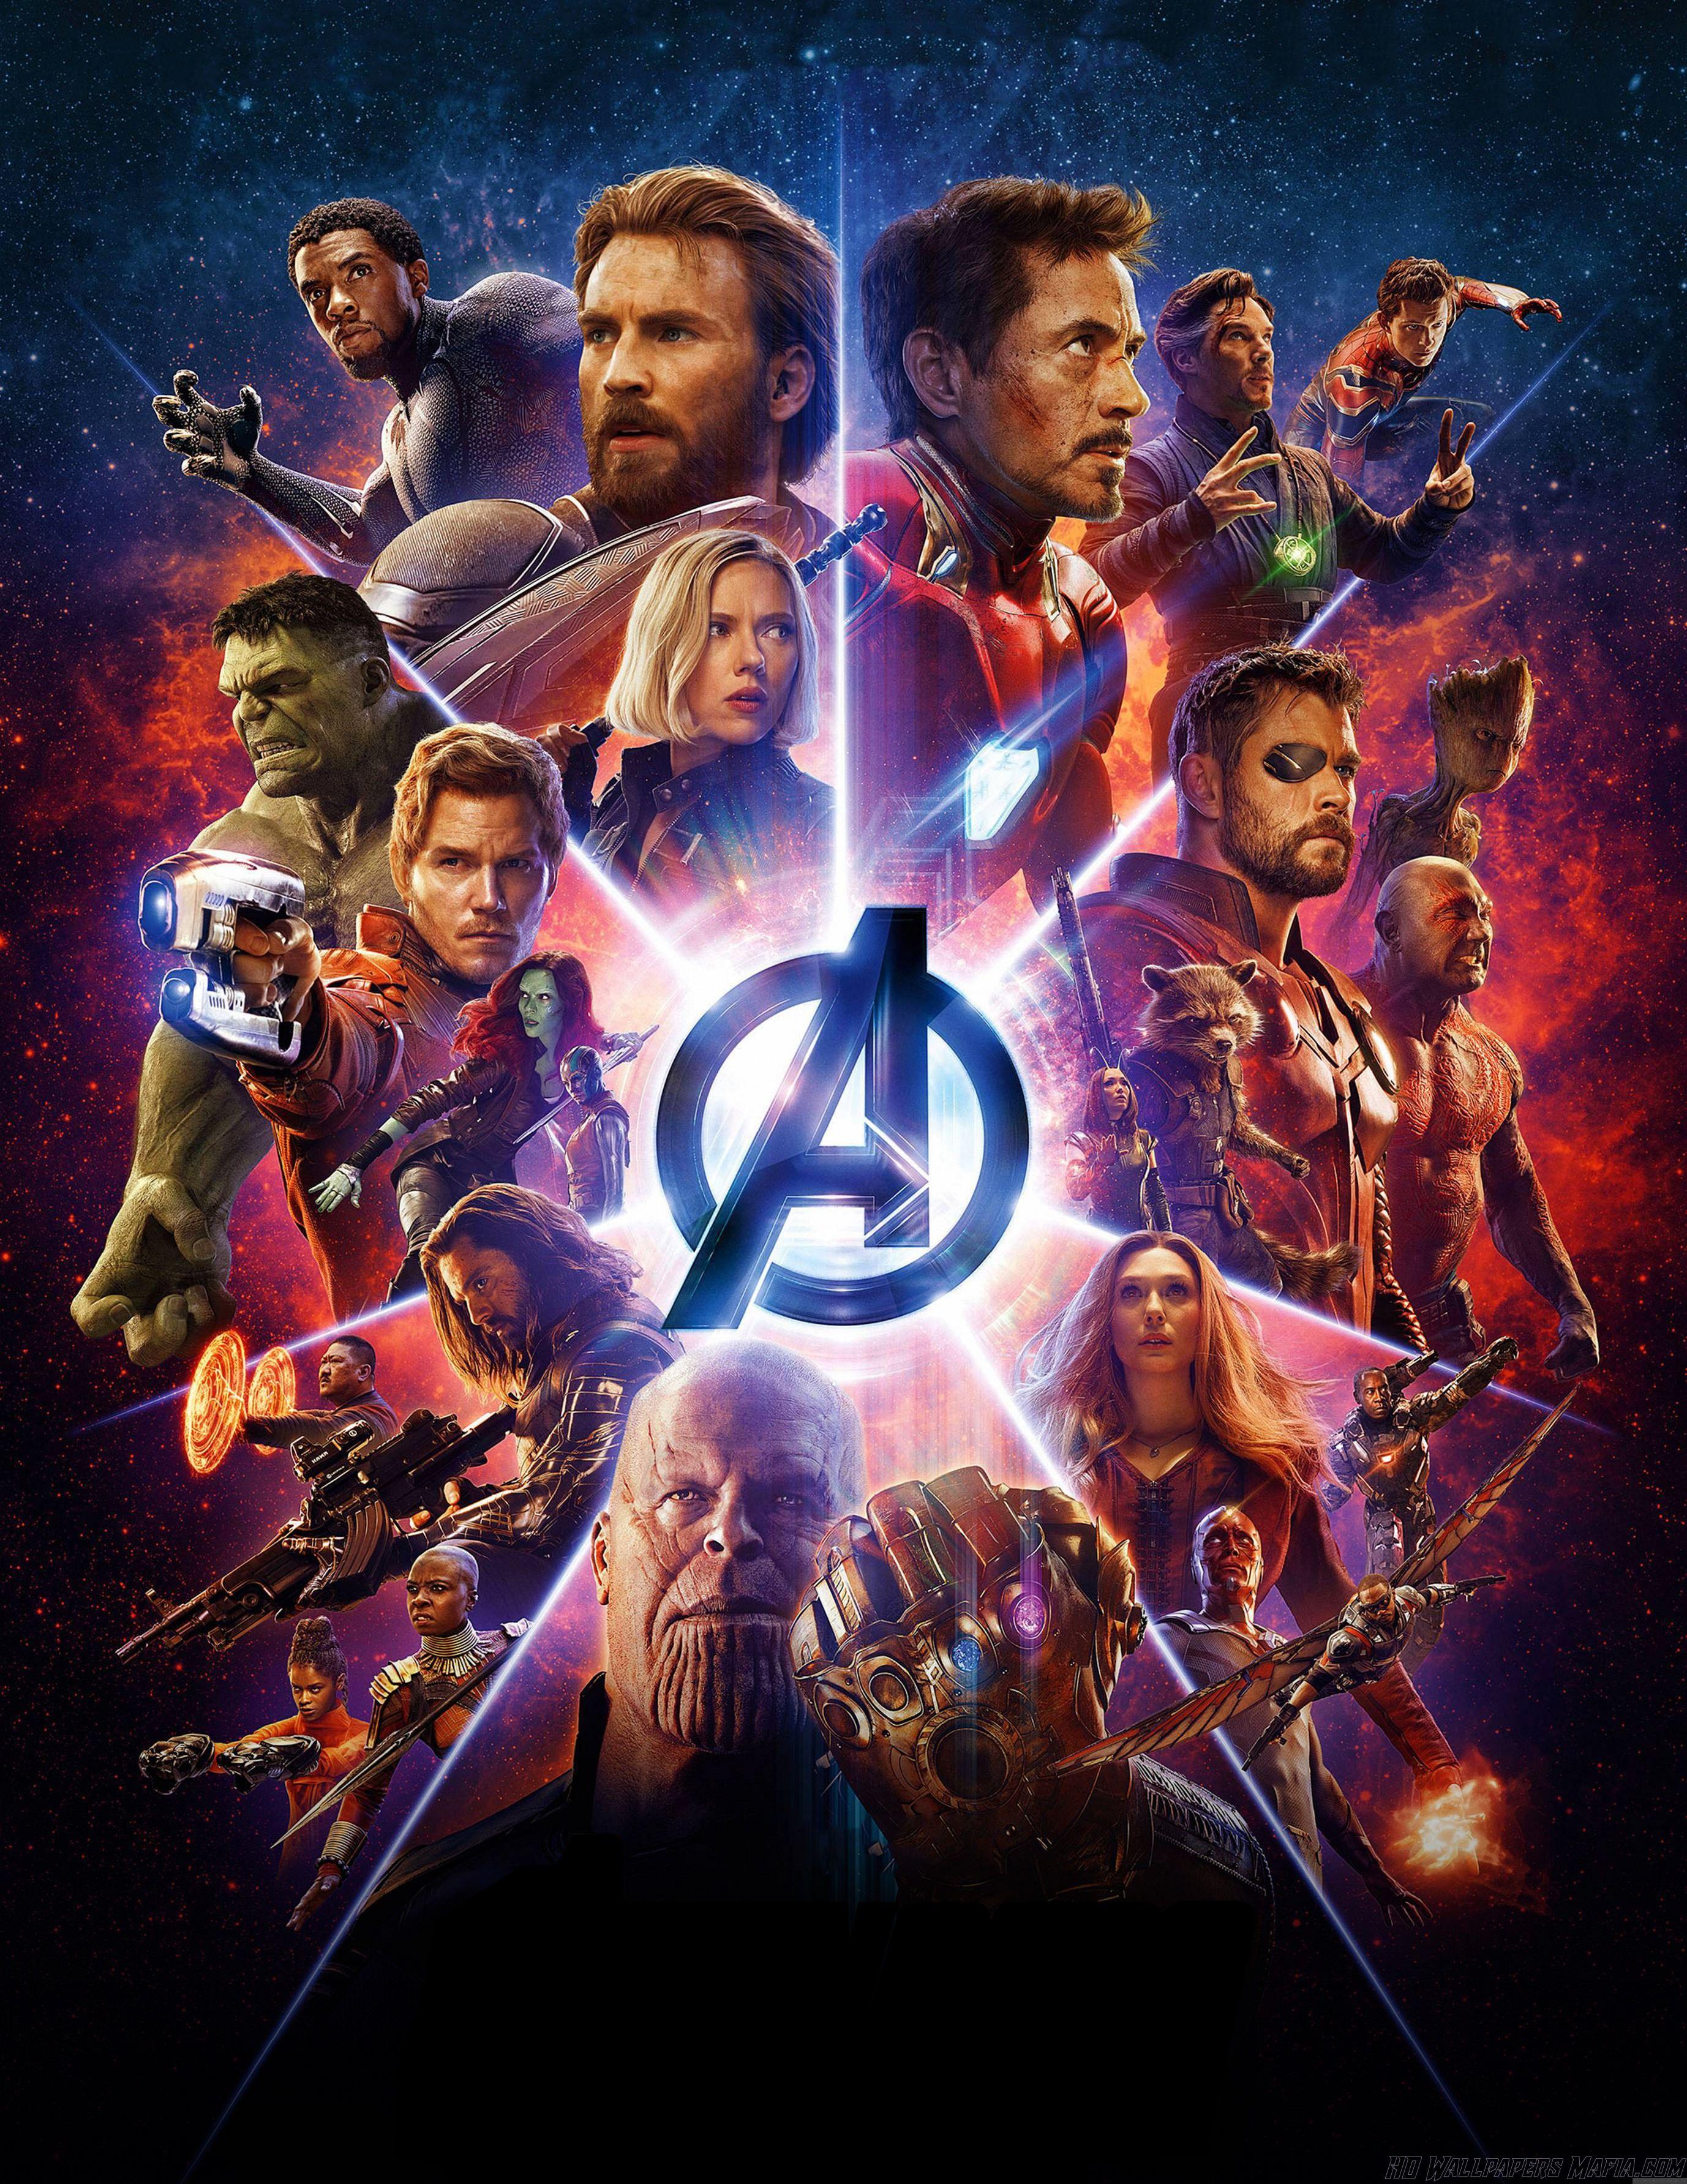 Avengers Infinity War Wallpaper Https Hdwallpapersmafia Com Avengers Infinity War Wallpaper 2 Avengers Infin Marvel Infinity War Marvel Posters Marvel